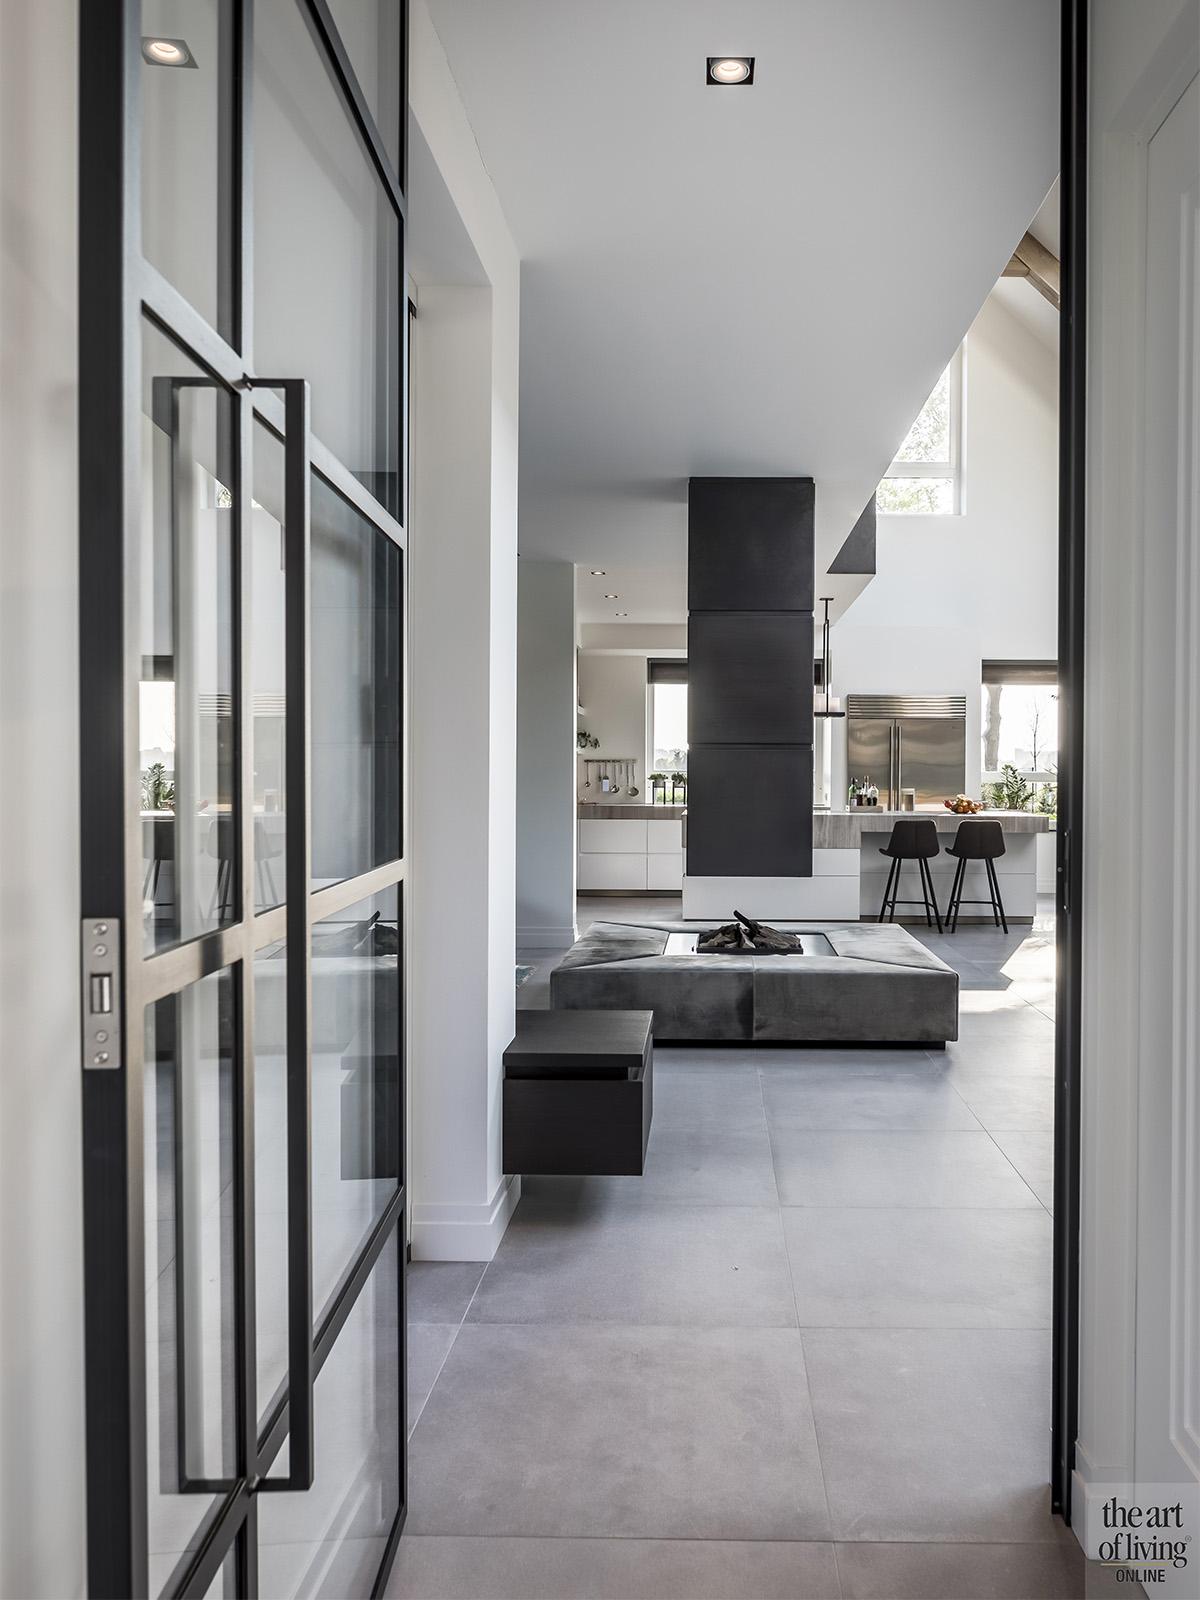 Luxe deuren, Houten deuren, stalen deuren, Schuifdeur, Design deuren, Glazen deuren, Deur met leer, Binnendeuren, Taatsdeur